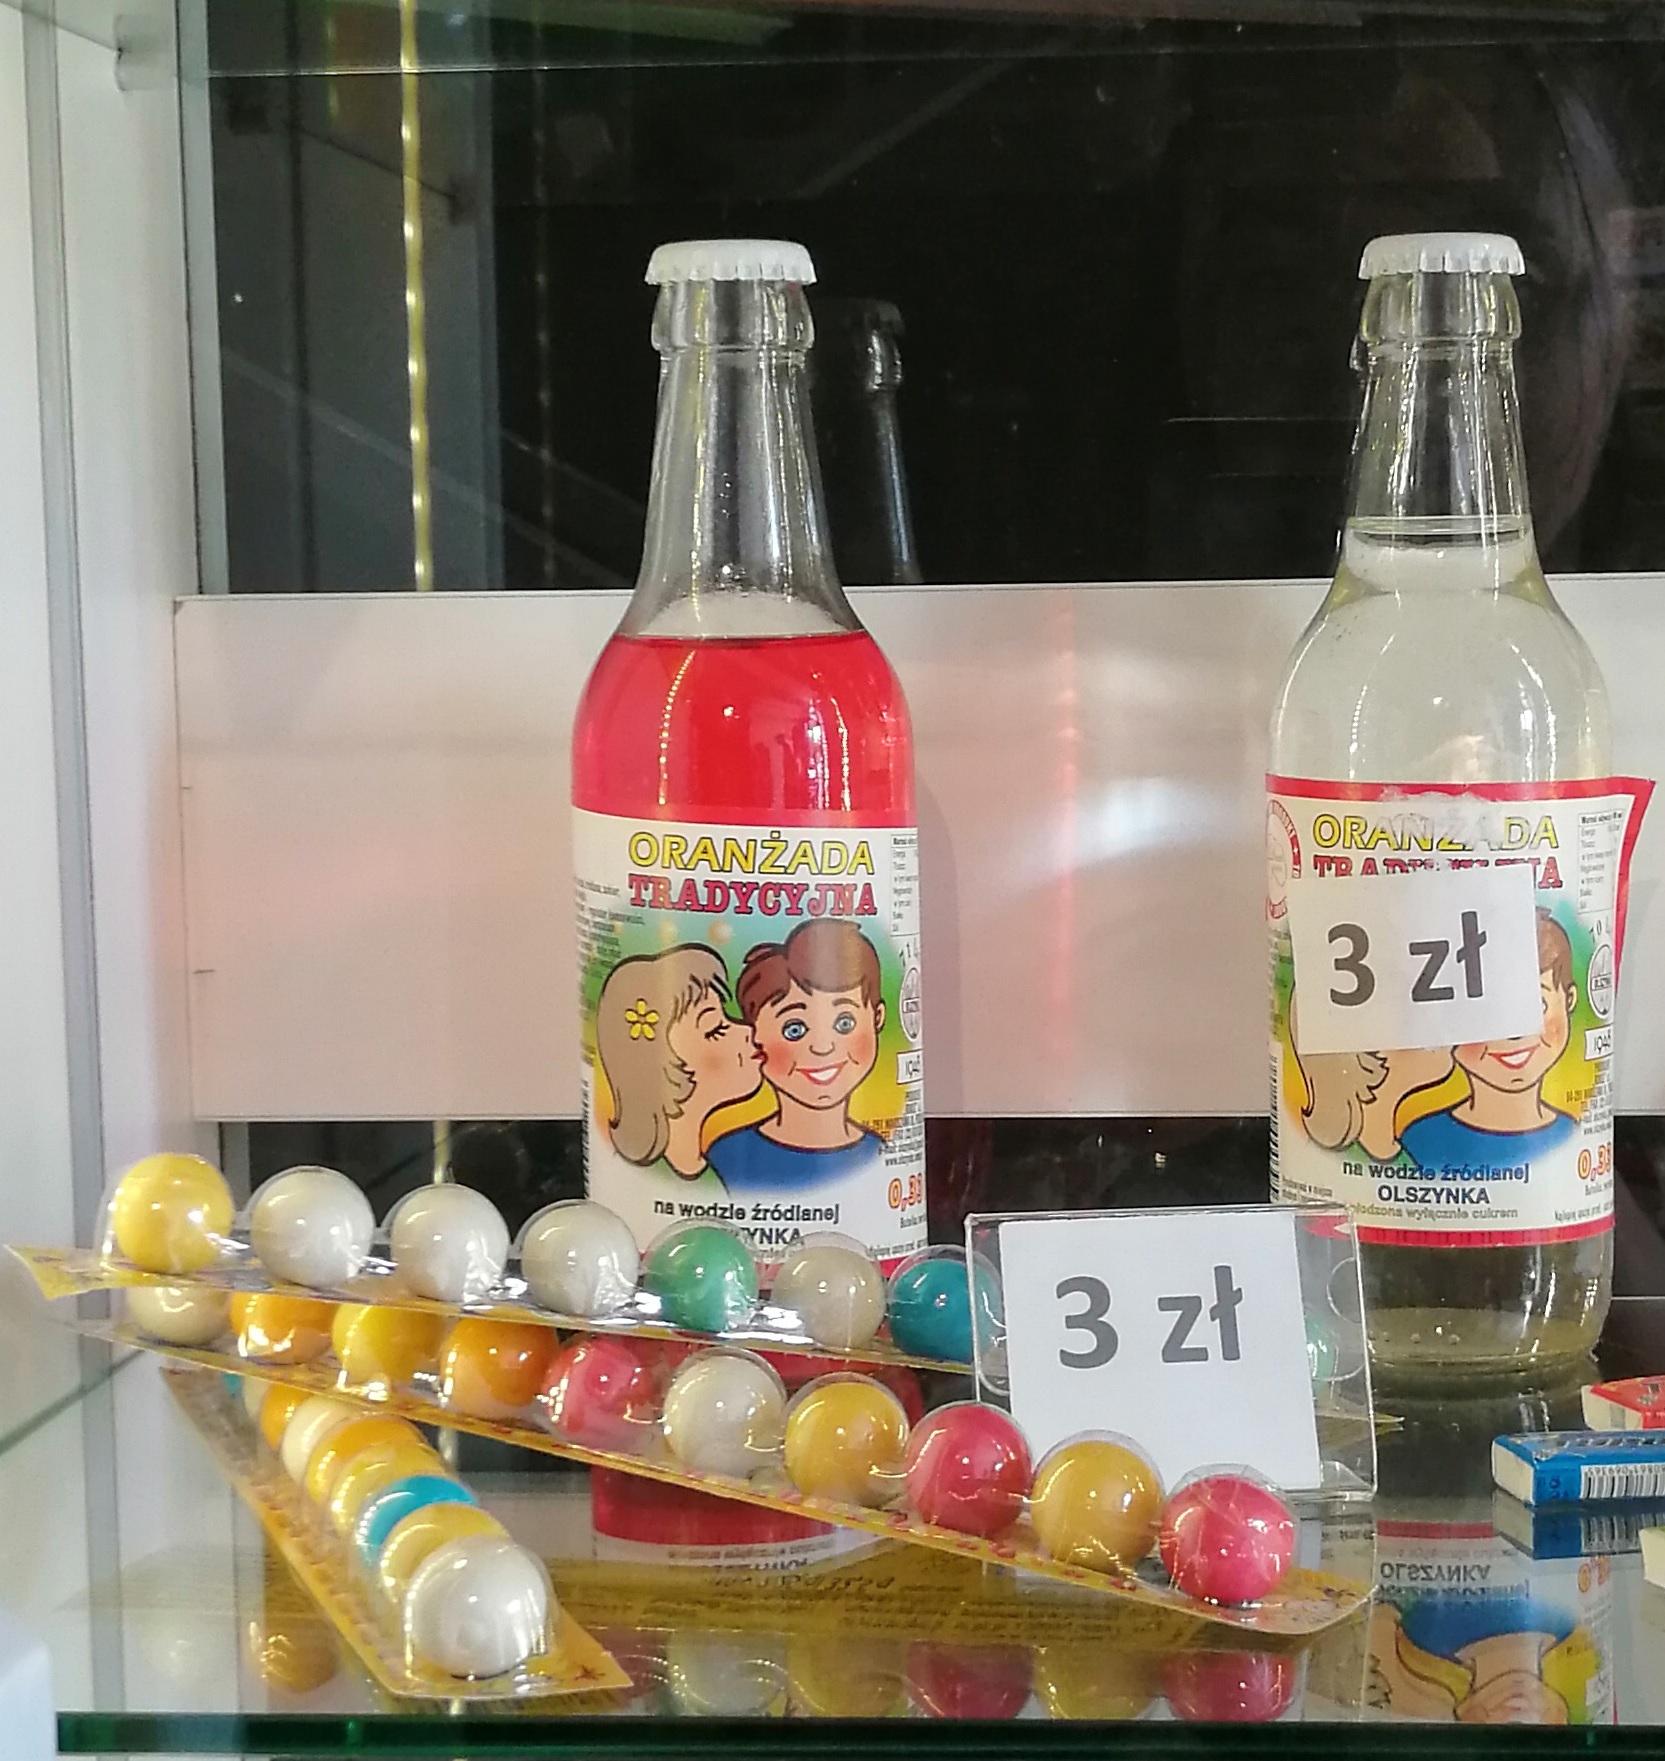 """Step in Warsaw - Stadtführerin in Warschau. Ich habe heute in dem Museum des Lebens unter Kommunismus https://mzprl.pl/?lang=en eine sentimentale Reise zu meiner Kindheit gemacht. Ich erinnere mich daran... Ich habe die gleichen Teddybär-Buntstifte und Kaugummis """"Kugeln"""", die meine Zunge gefärbt haben, gehabt. Die Süßigkeiten. Warschau, 22.08.2019."""